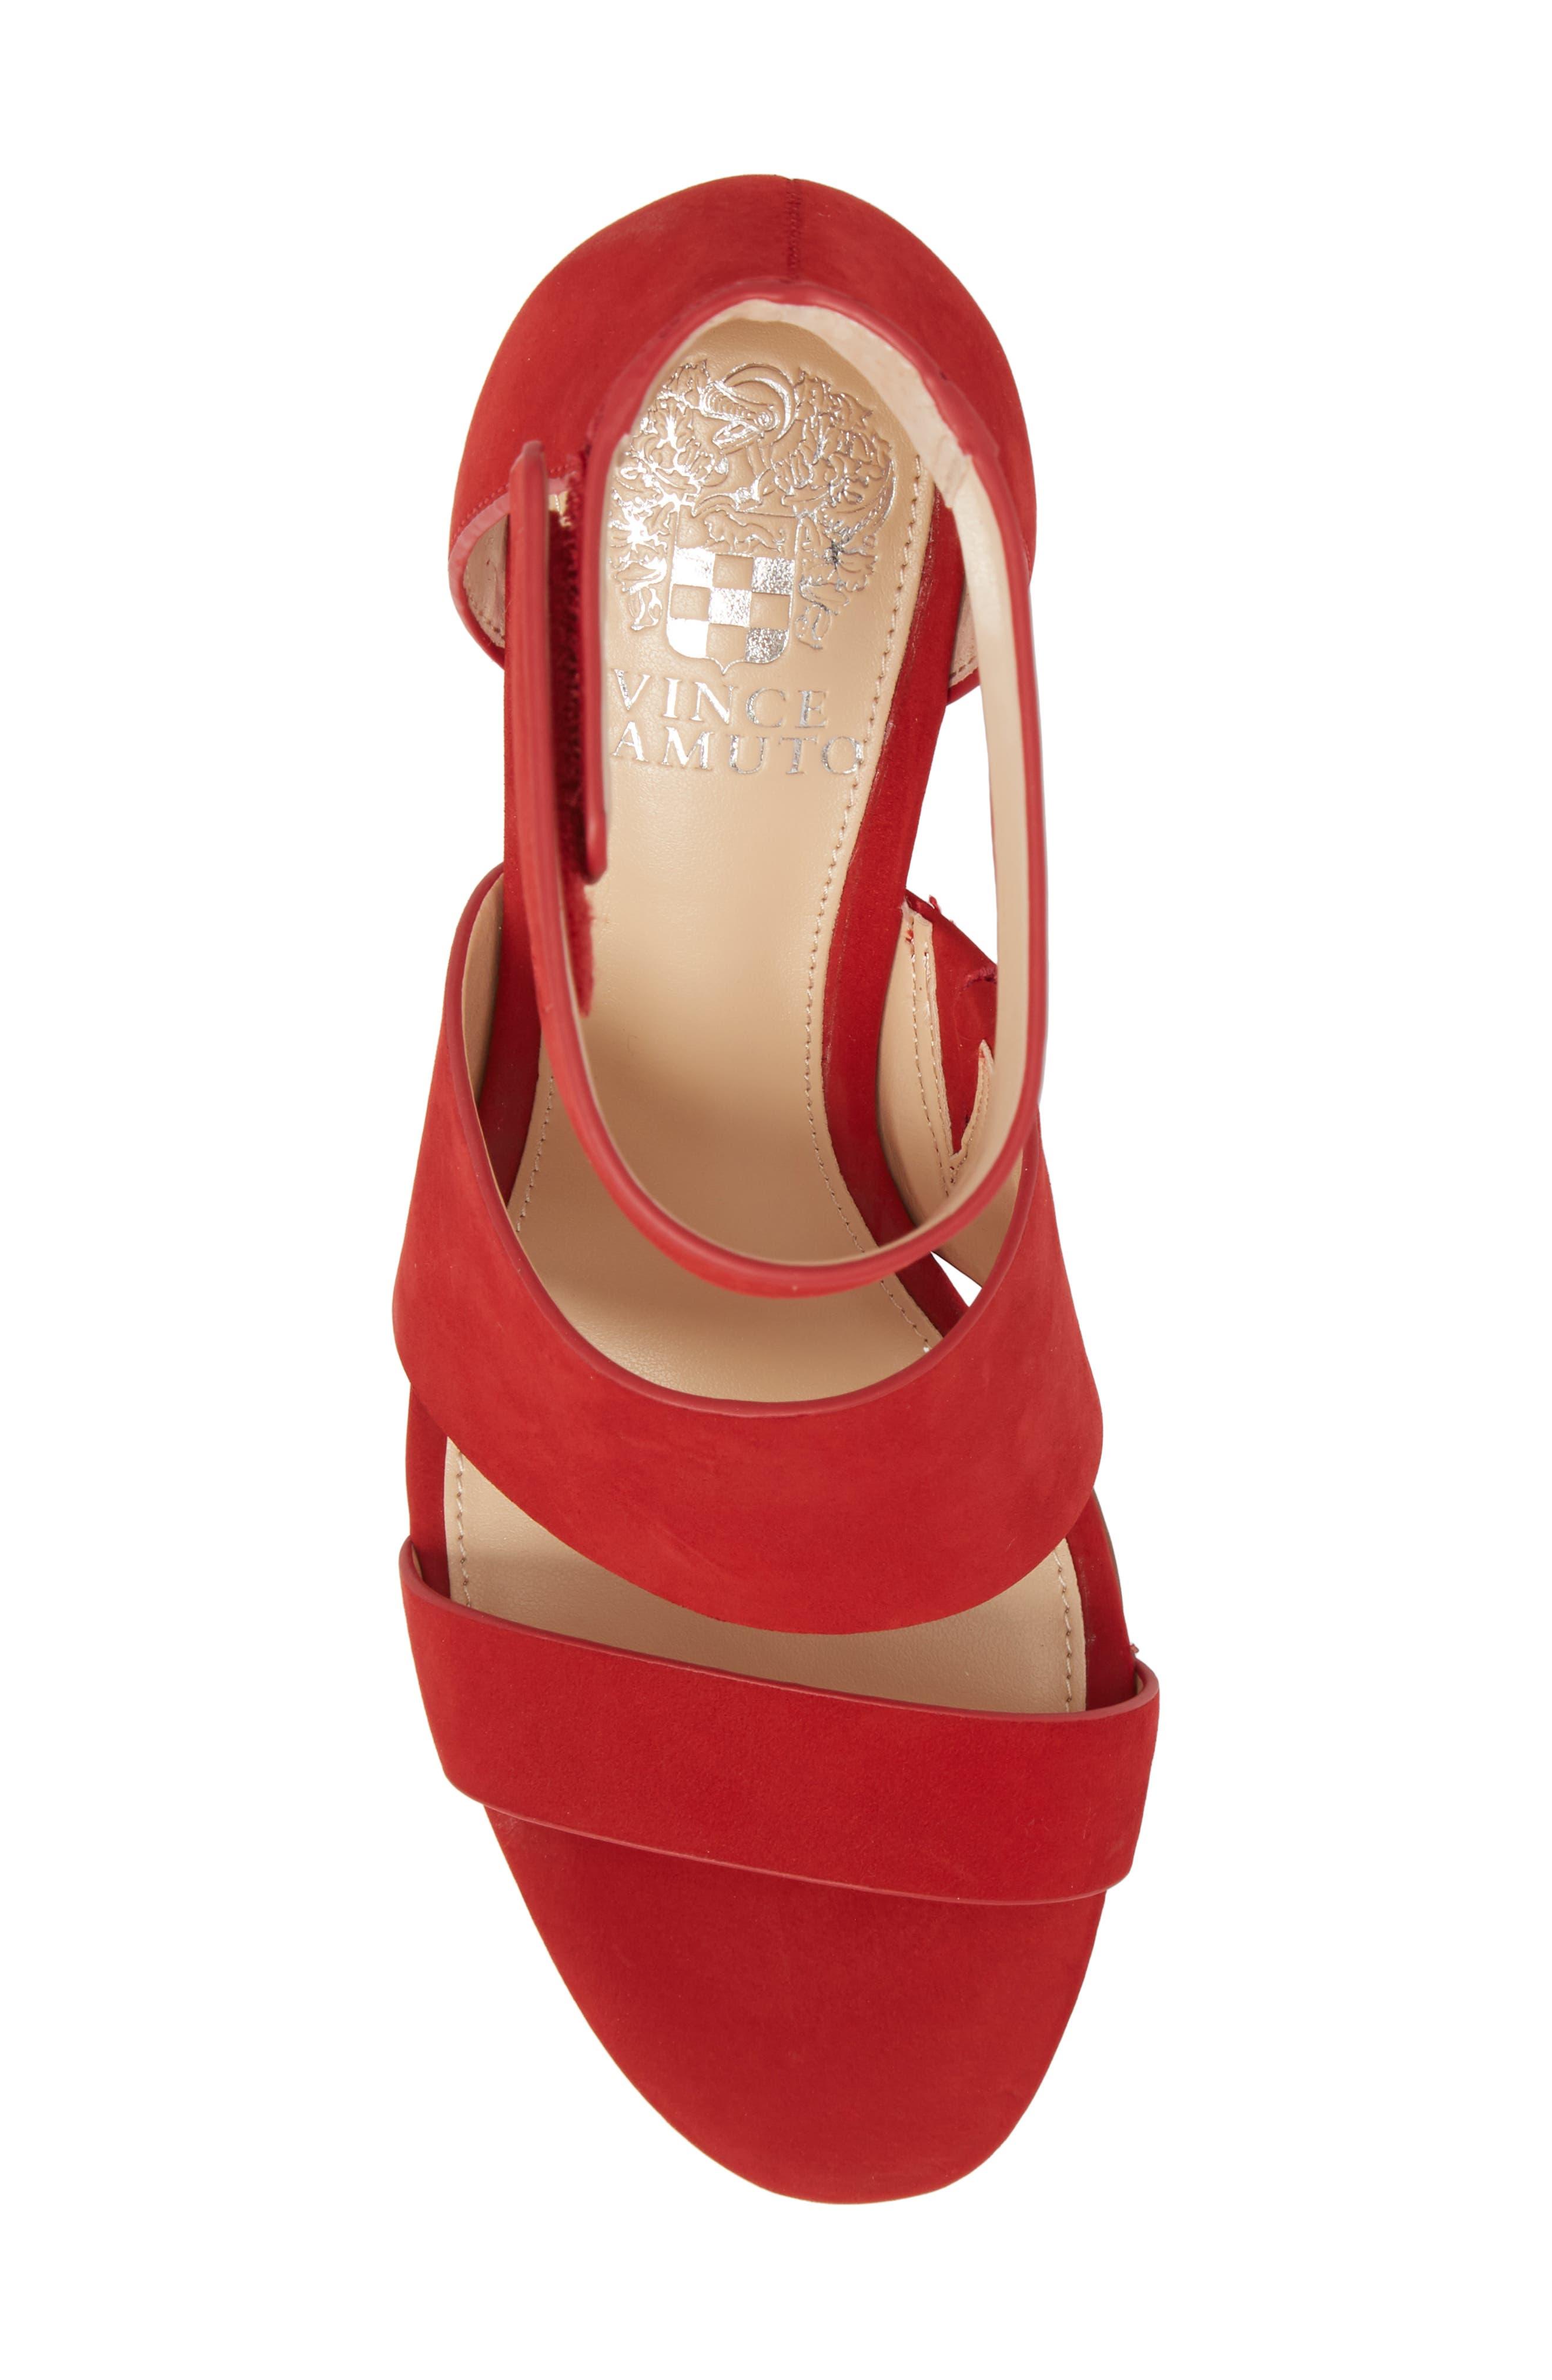 Junette Sandal,                             Alternate thumbnail 5, color,                             Cherry Red Leather